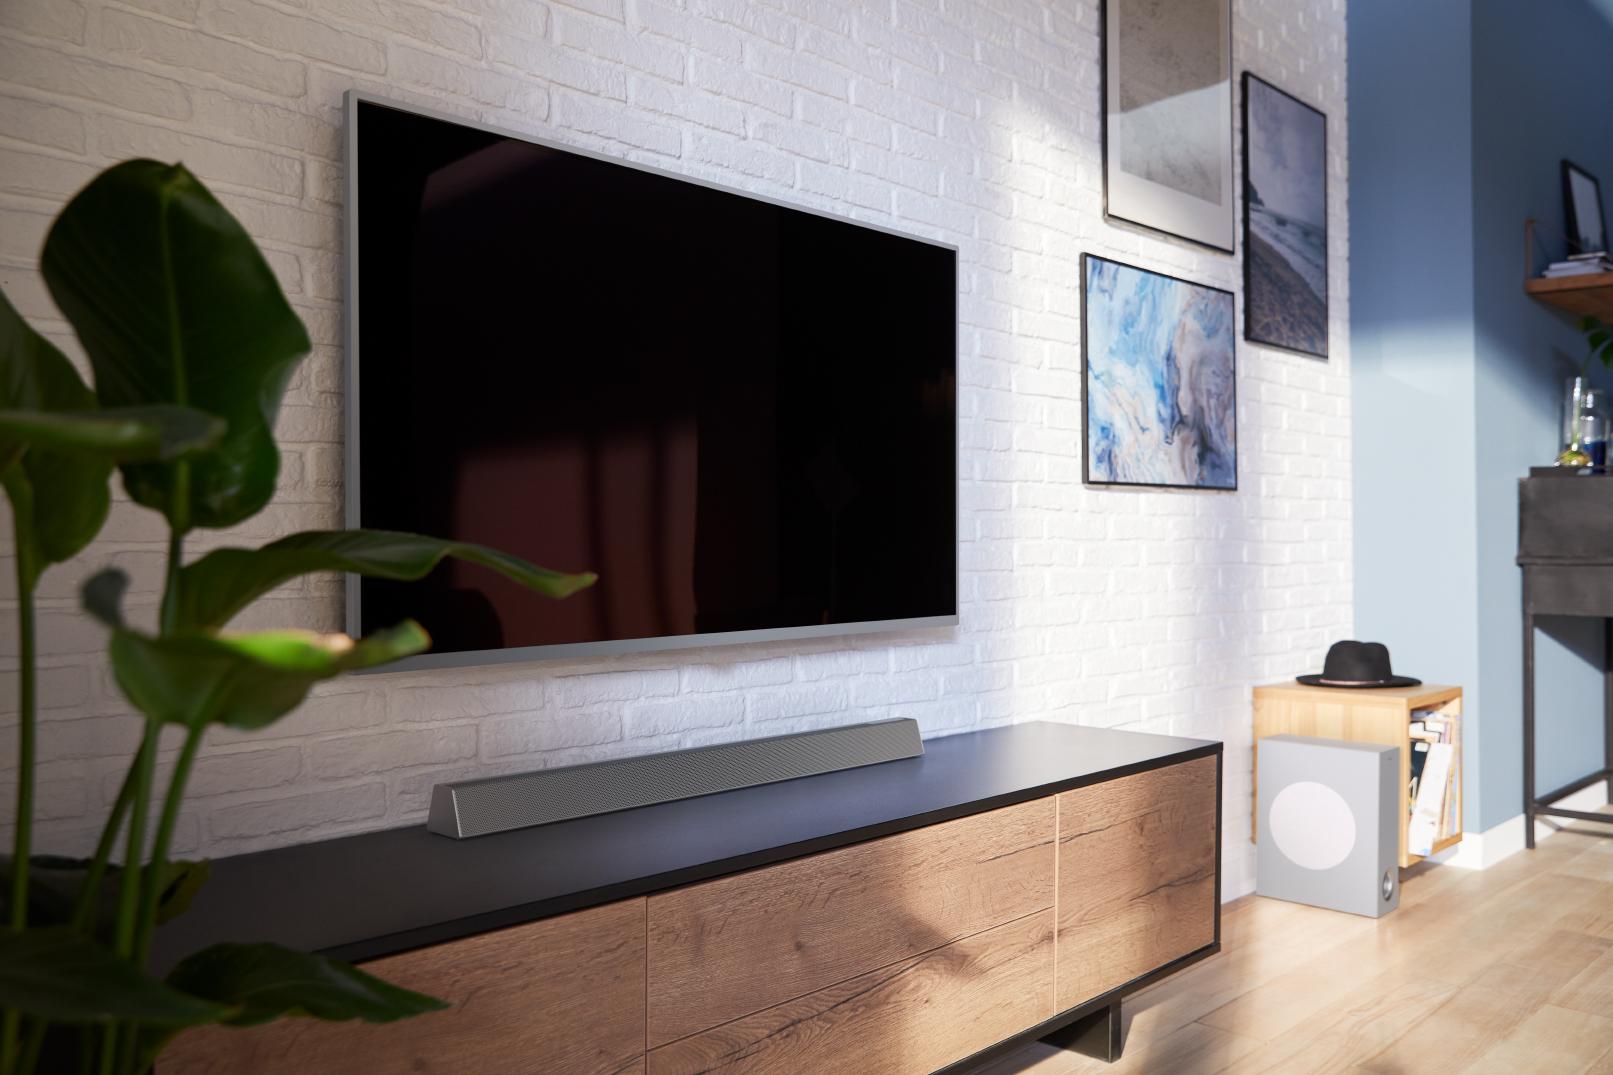 Soundbar zvočnik pod televizorjem